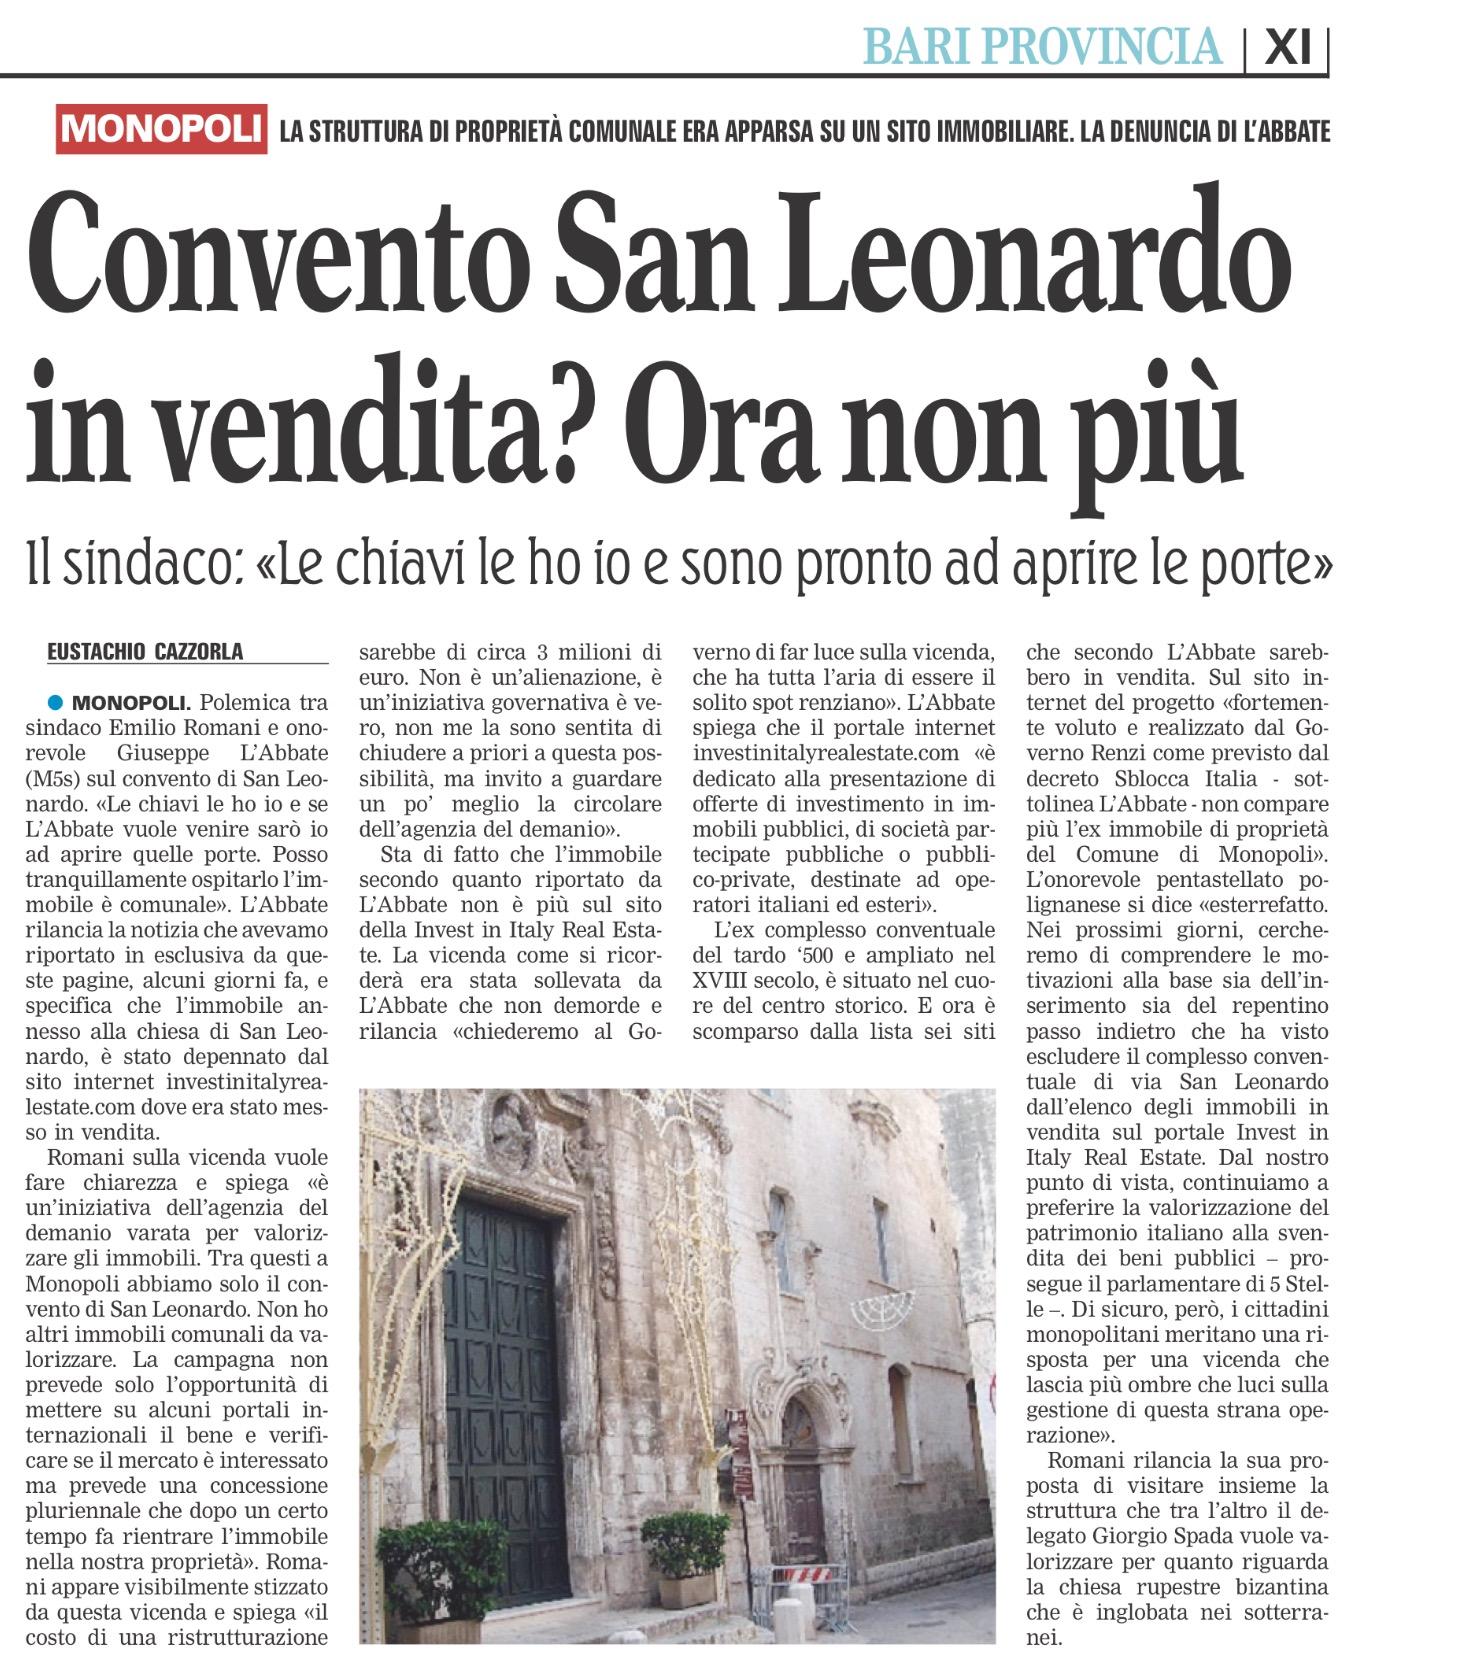 La Gazzetta del Mezzogiorno - 05.04.2016